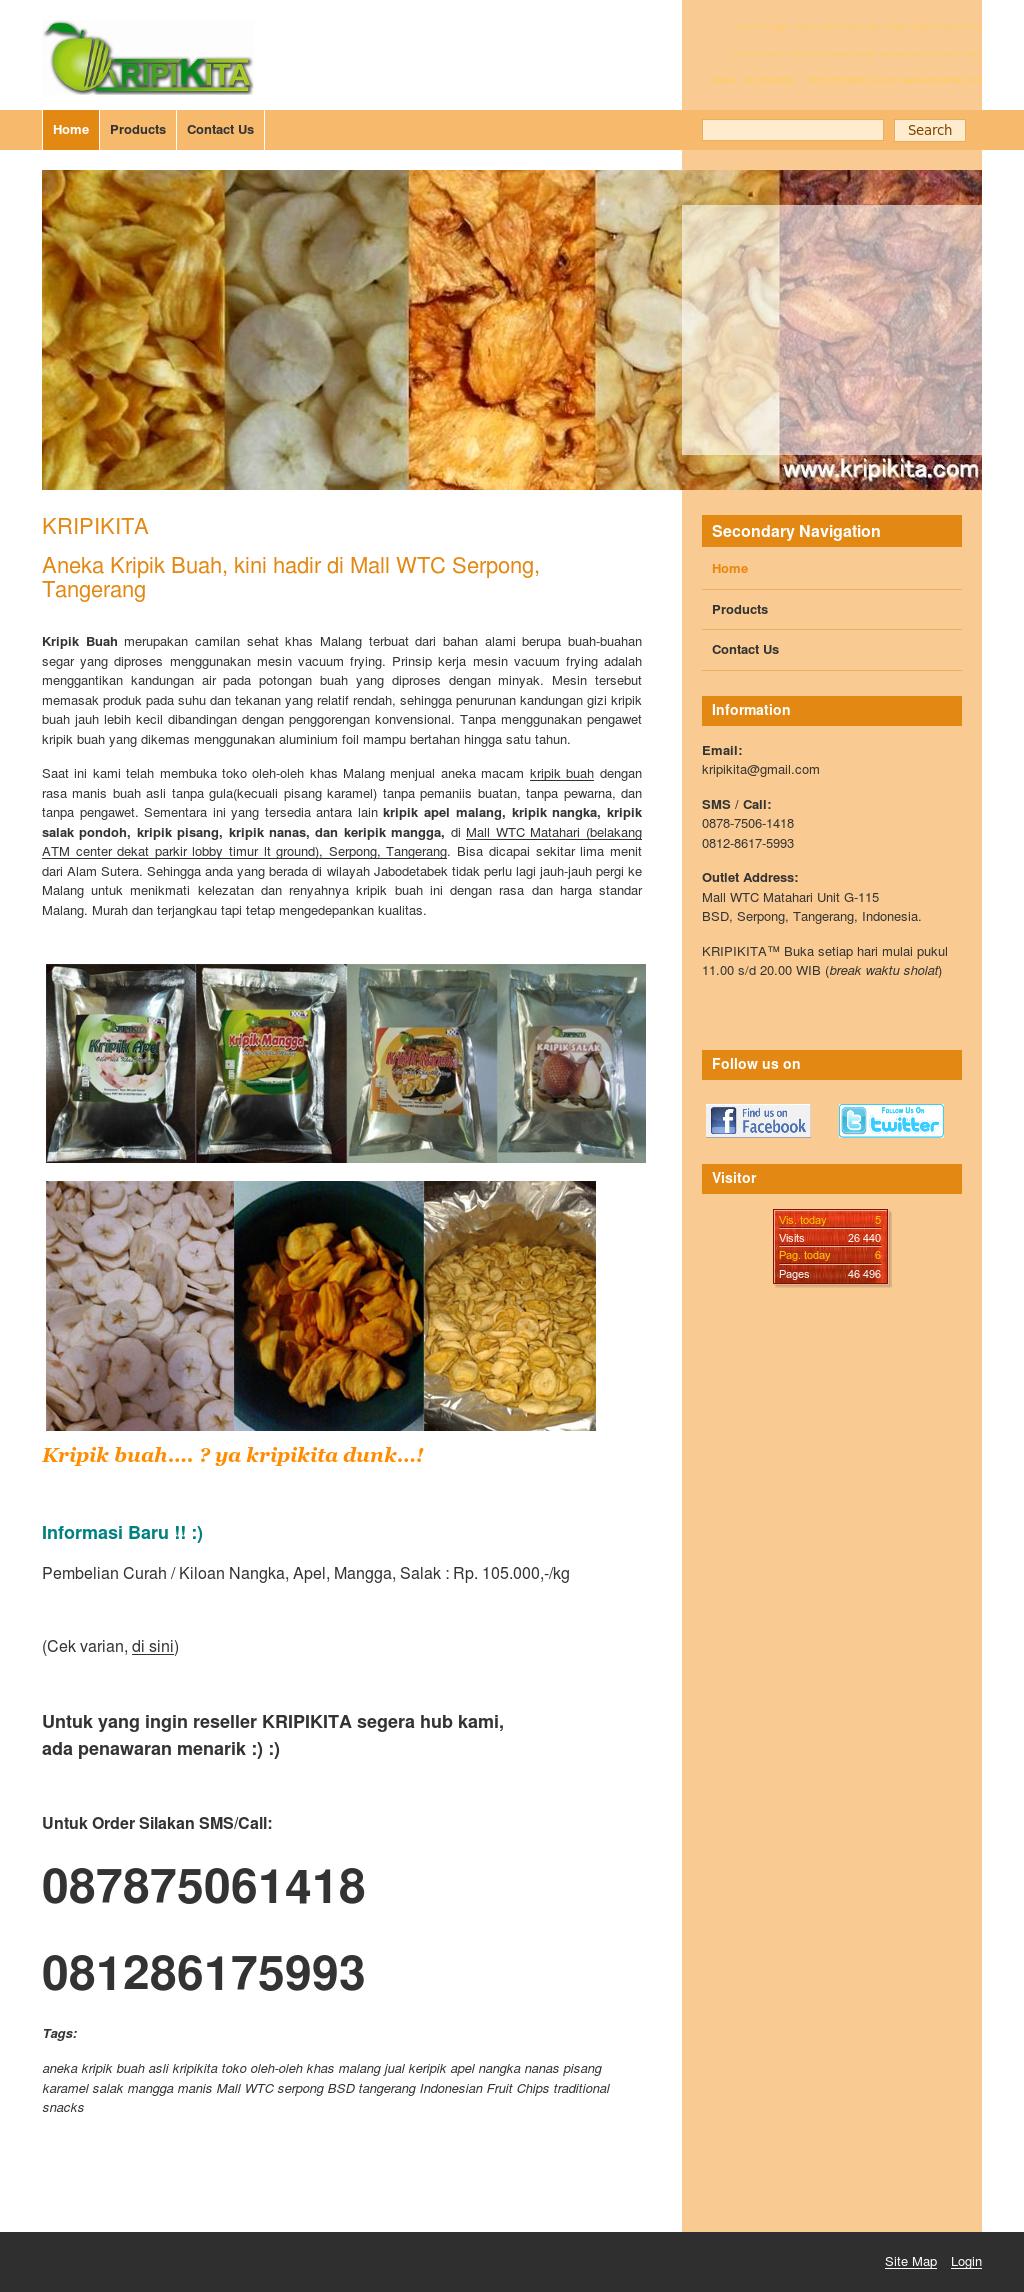 Kripik Buah Keripik Apel Nangka Salak Nanas Pisang Mangga See Screenshot Jul 2017 More Website History Owler Has Collected 12 Screenshots Of